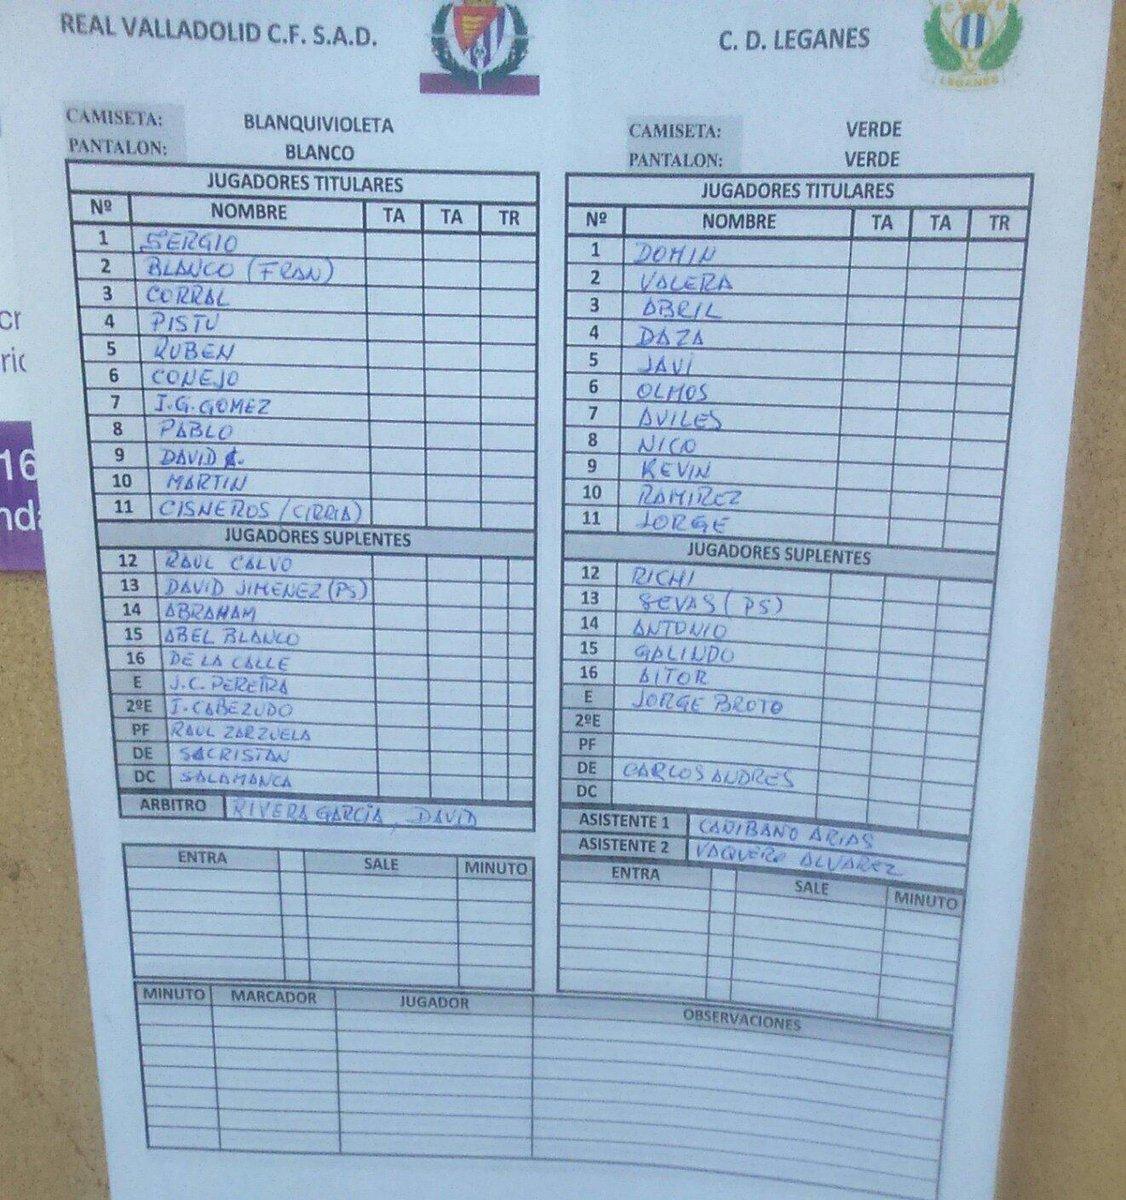 Real Valladolid Juvenil A - Temporada 2015/16 - División de Honor Grupo V - Página 2 CPRbpDcWoAA7ake